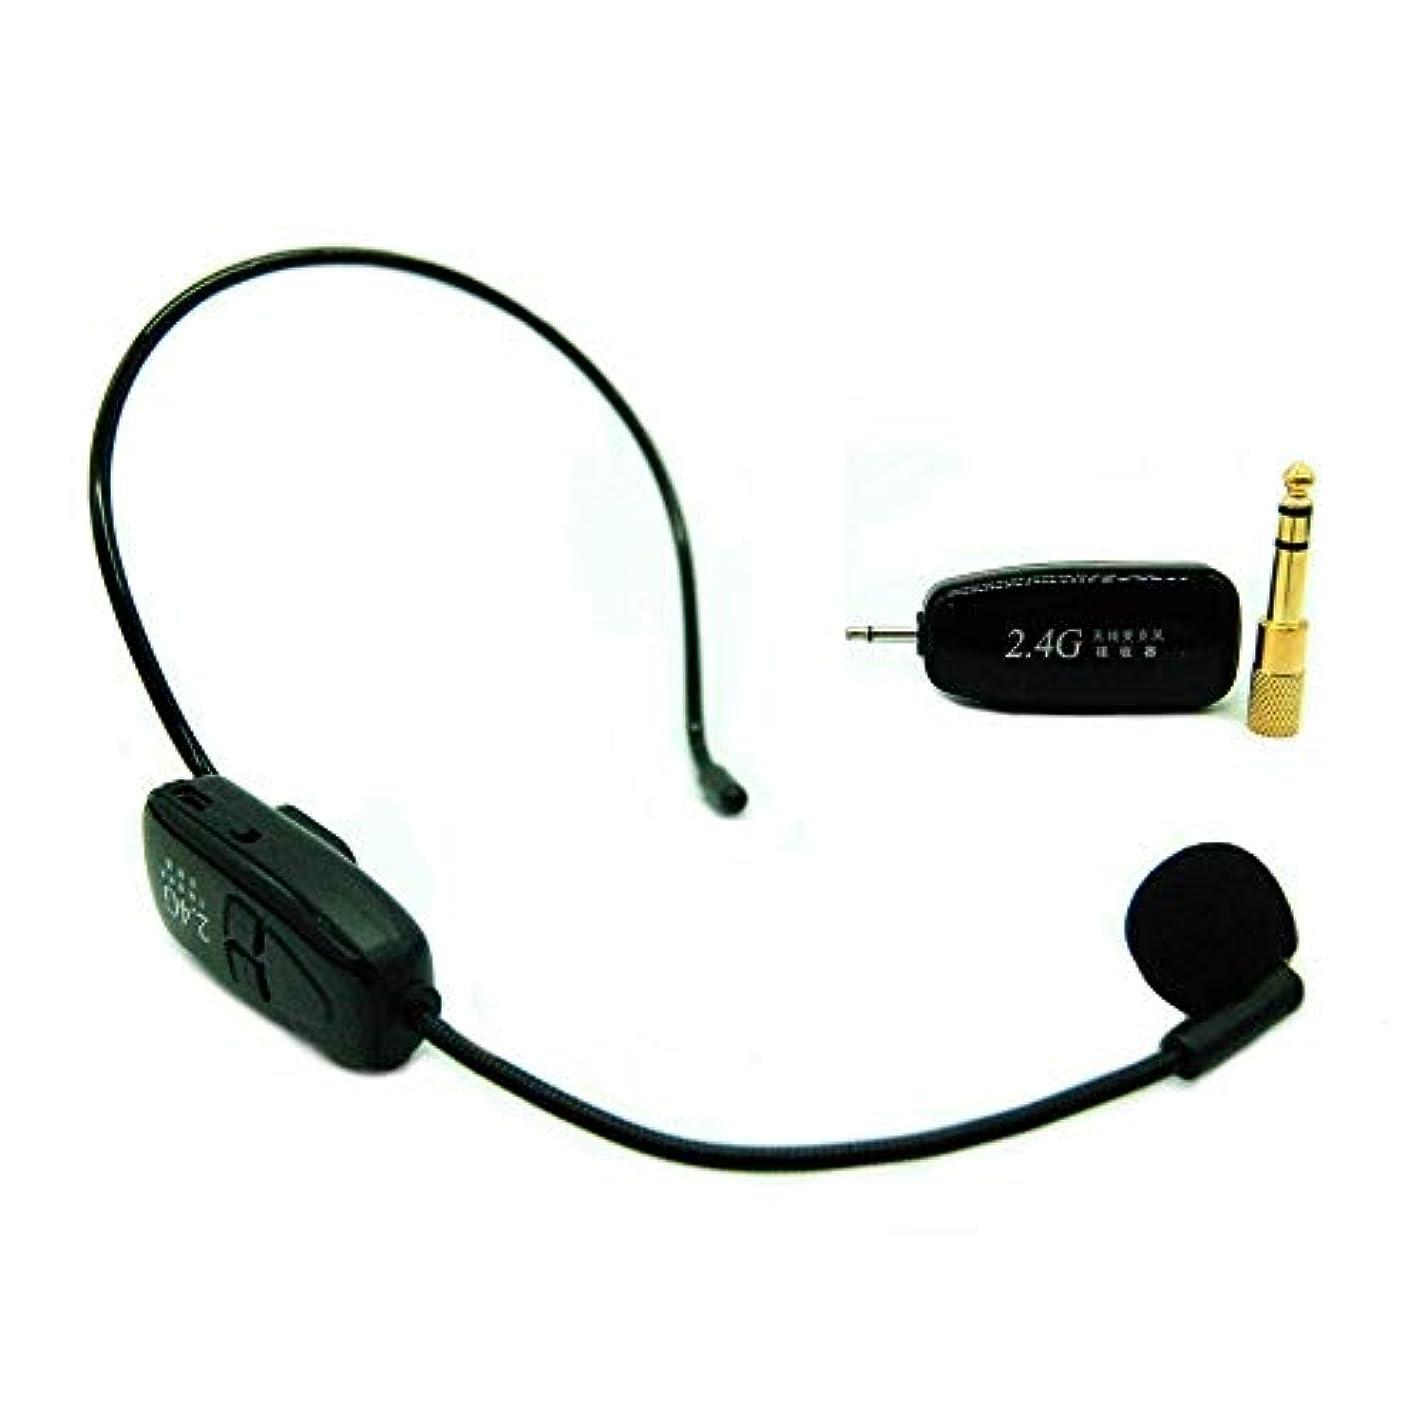 一般的に言えばアシスト品リタプロショップ? 2.4G ワイヤレス マイク ヘッドセット ポータブル 3.5mmステレオミニプラグ